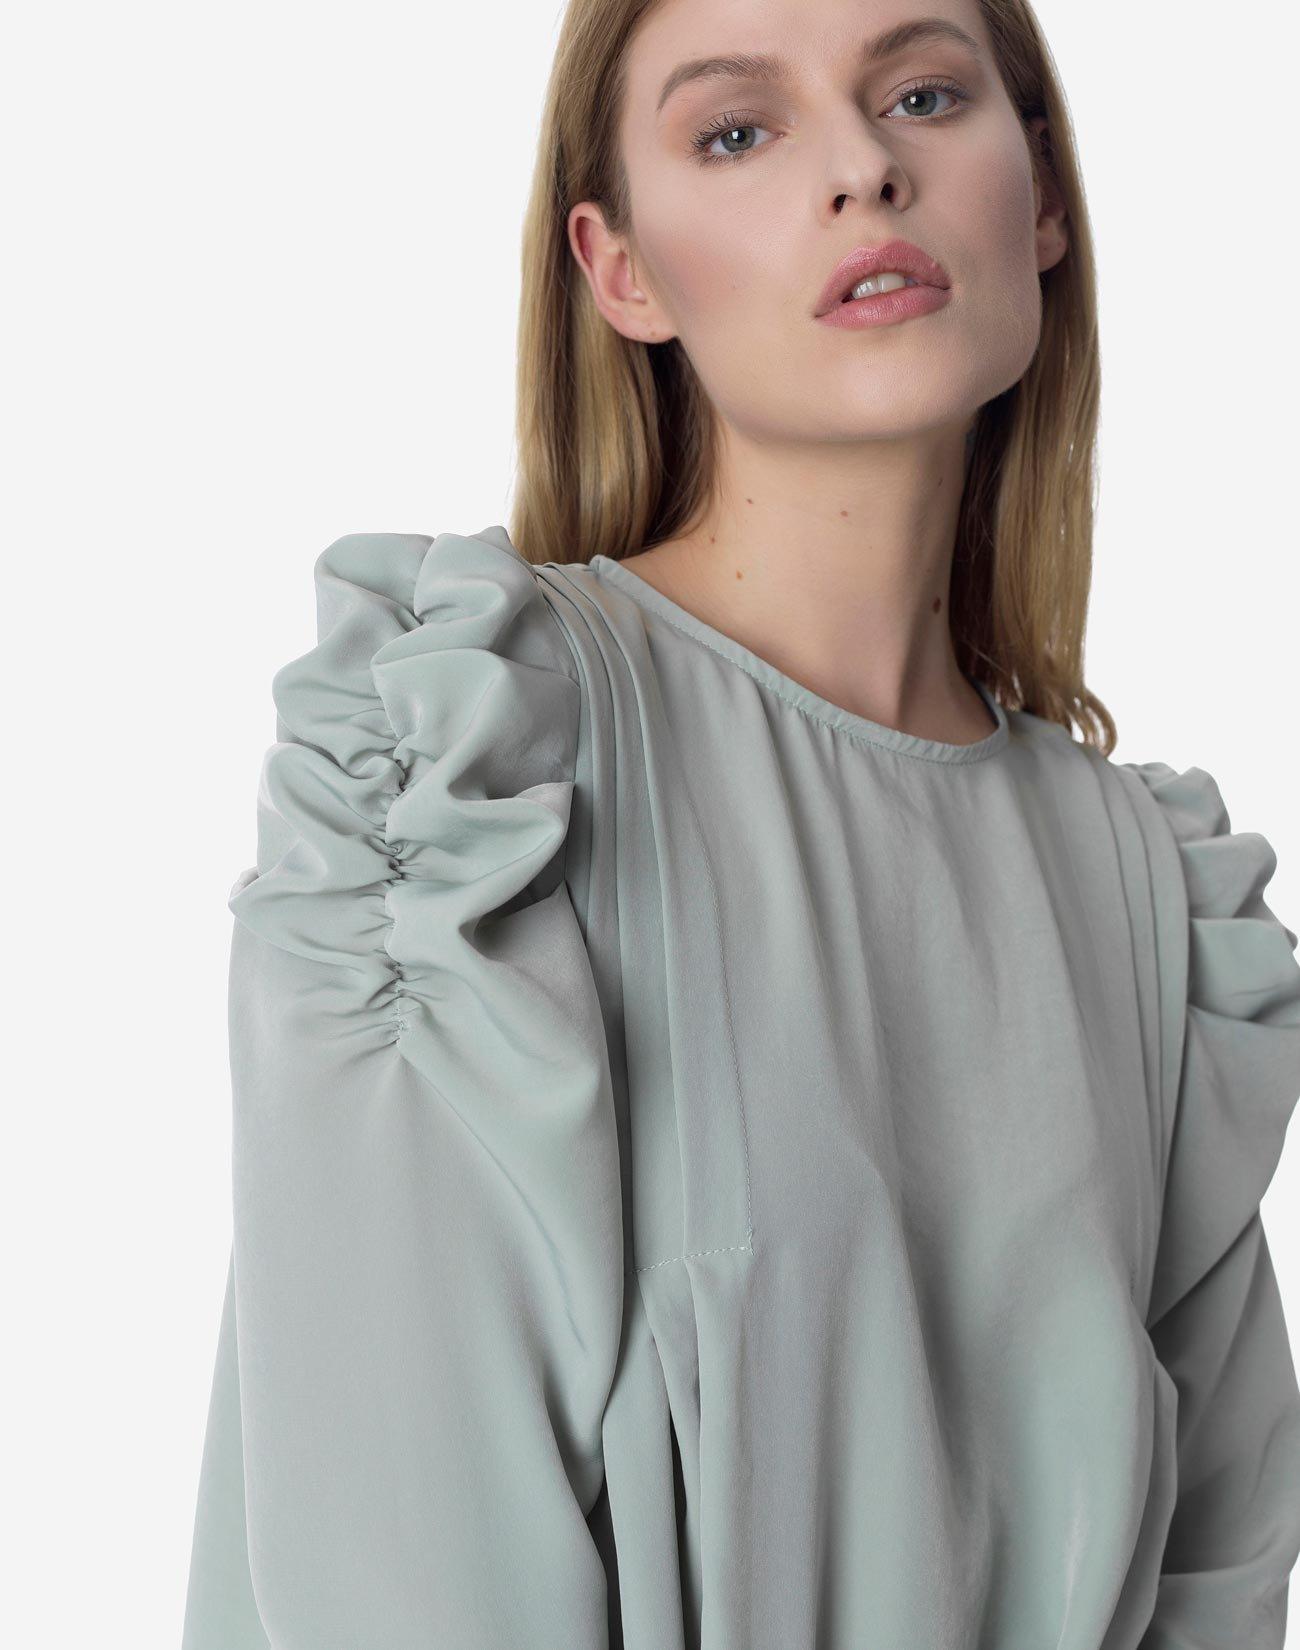 Μπλούζα με φουσκωτούς ώμους